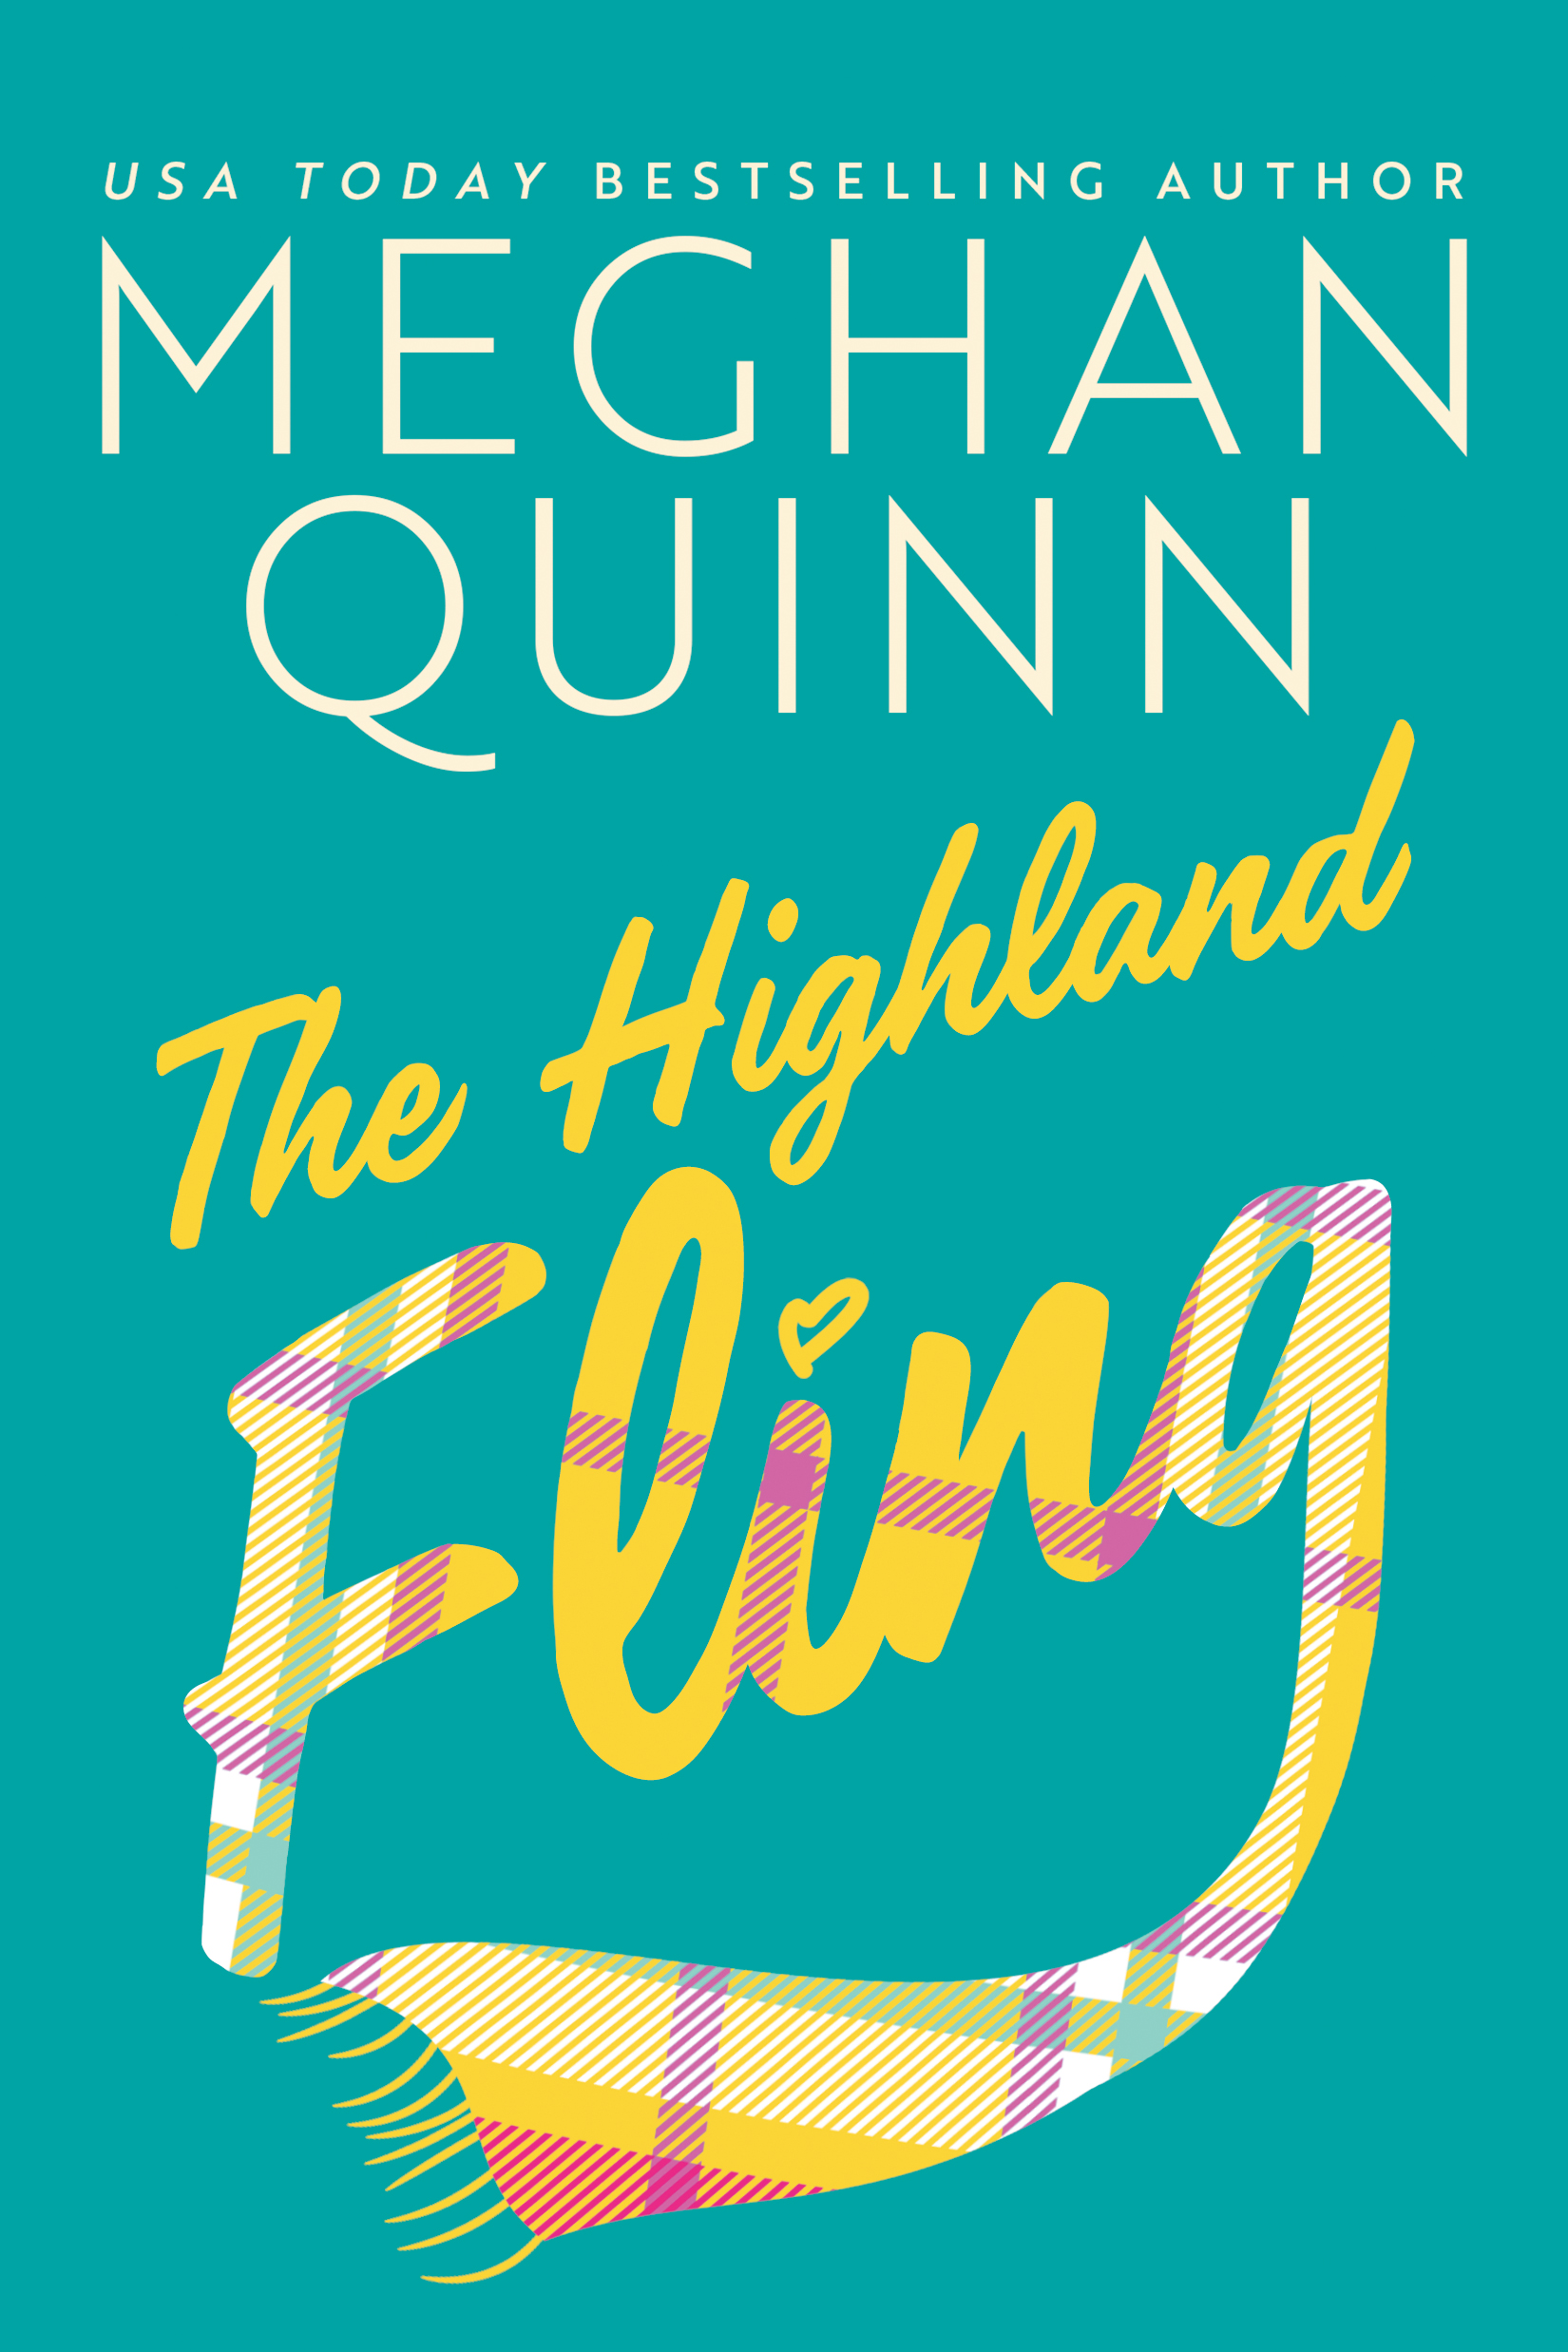 THE HIGHLAND FLING Cover – Meghan Quinn